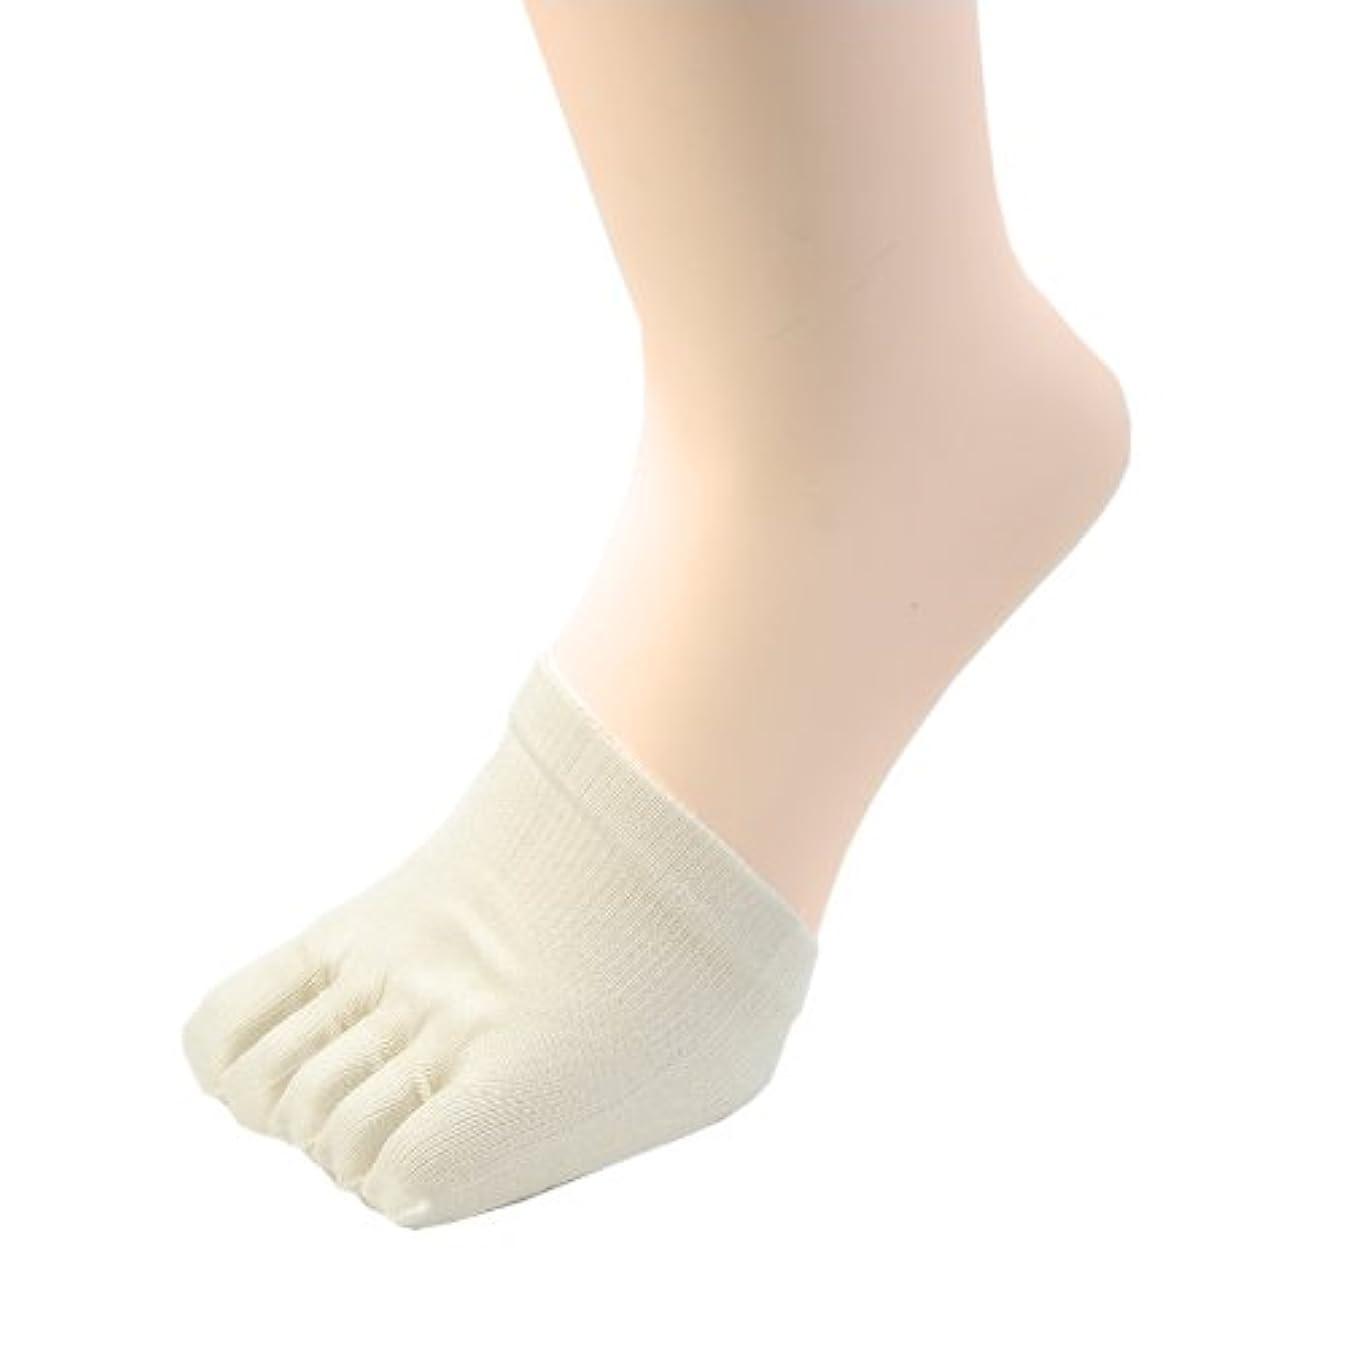 閉塞情報炎上冷えとり 絹 ( シルク )100% ハーフ 5本指 下履き (クツしたイン) ソックス 着圧健康ソックスの必需品! 2足組 #685